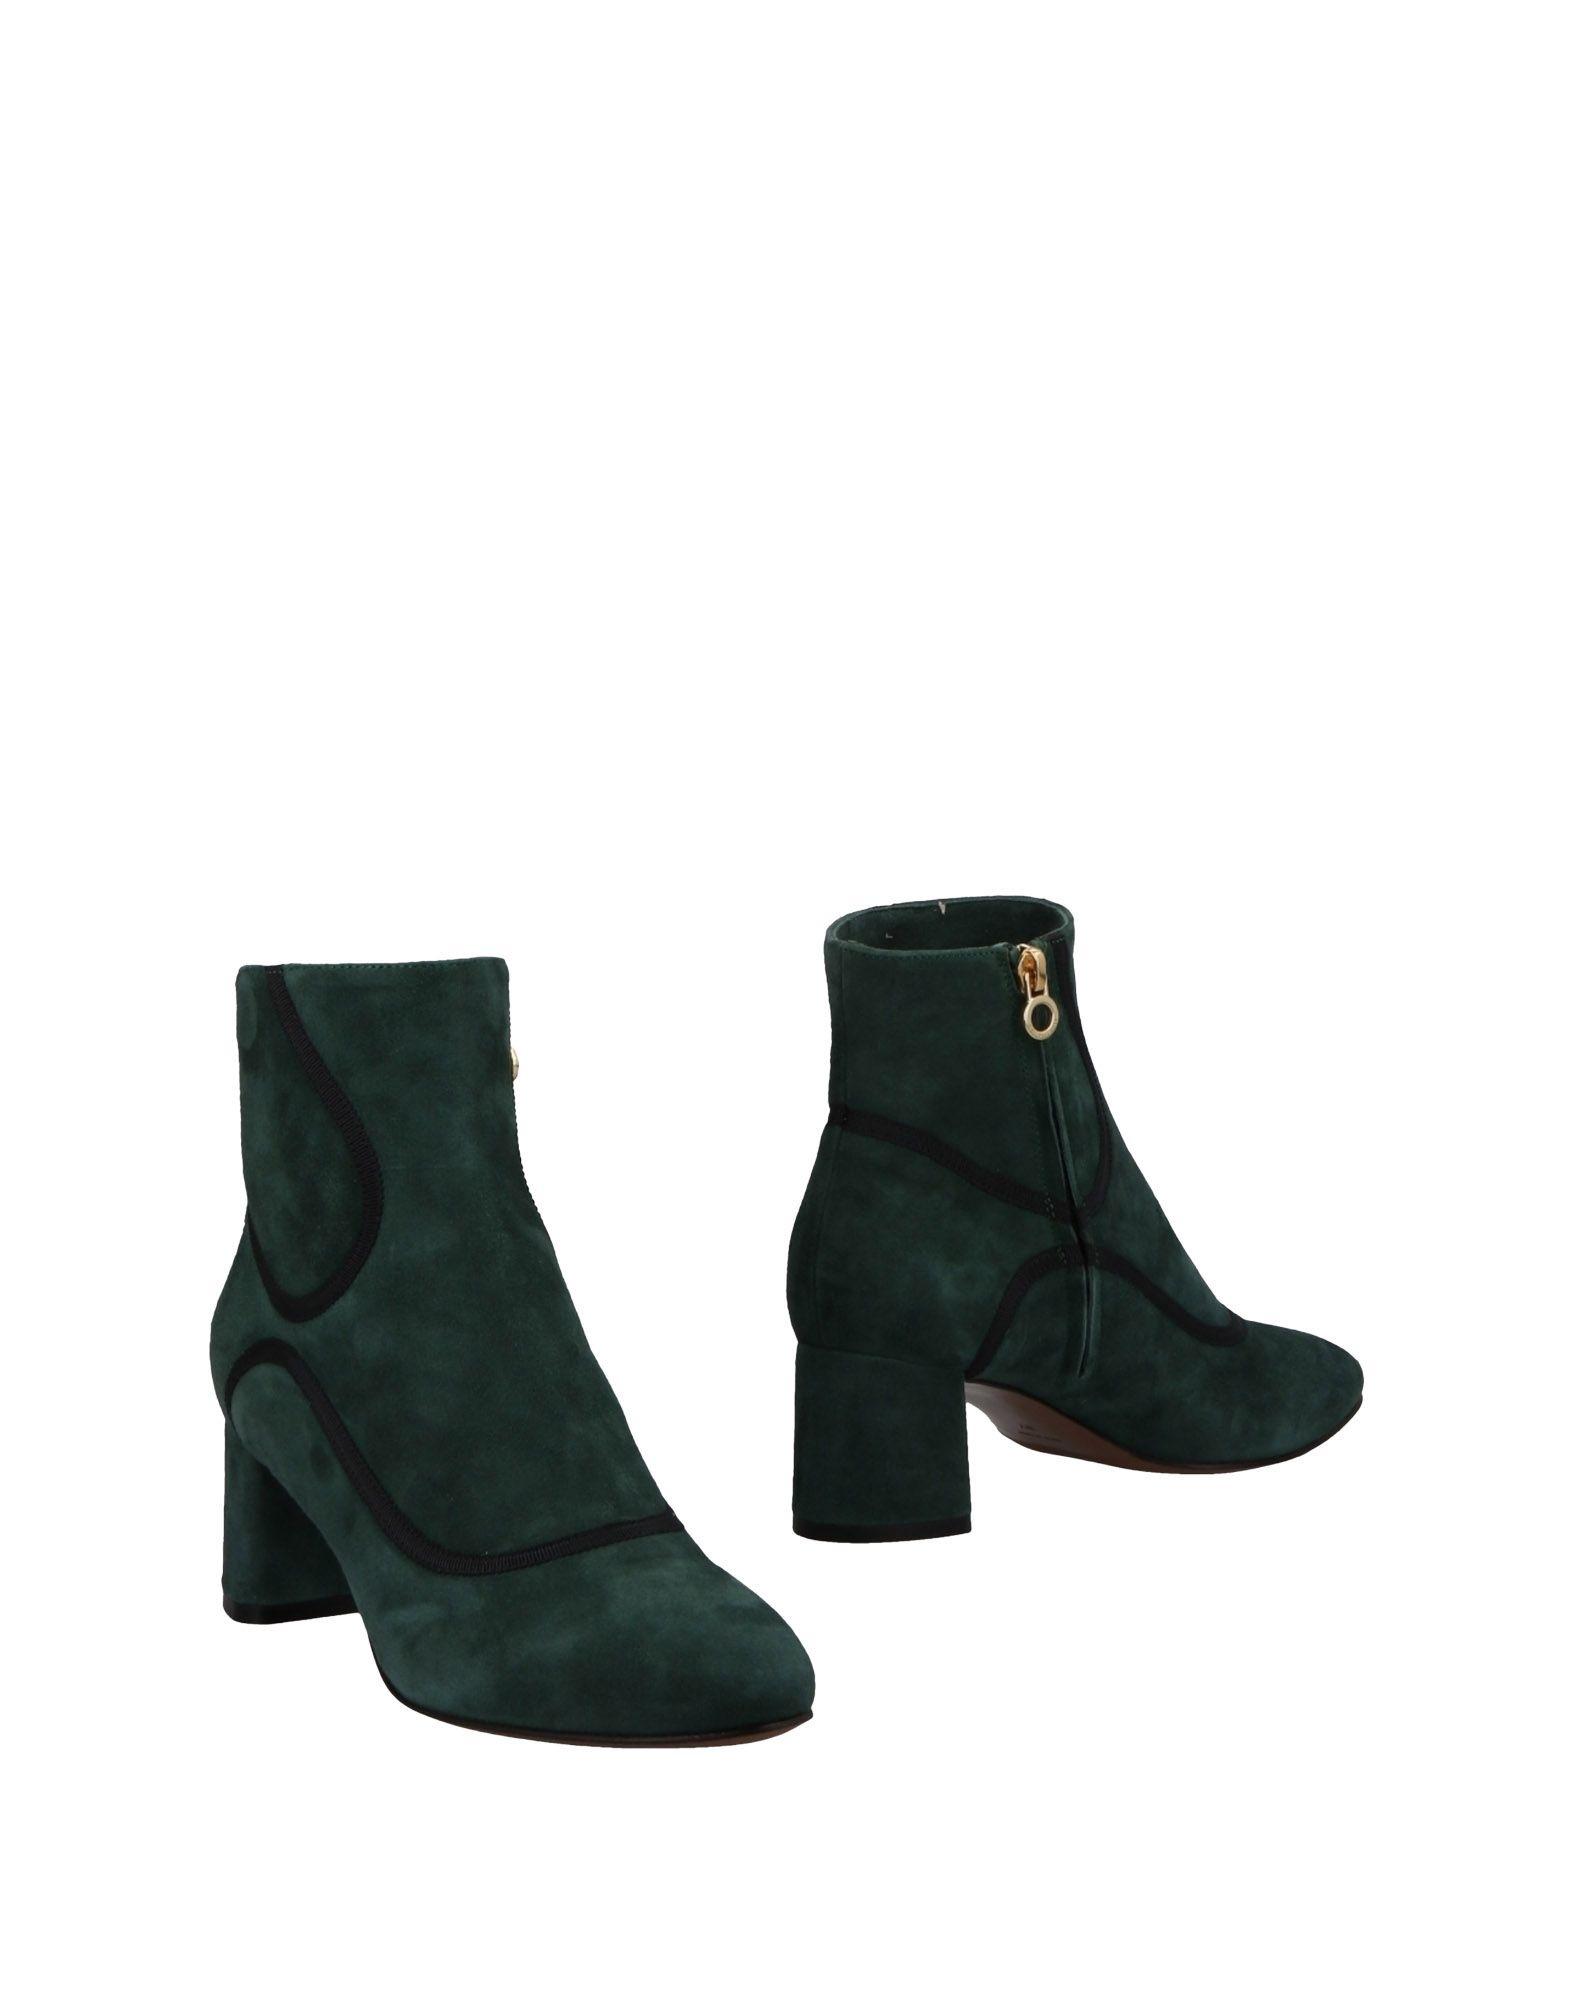 Bottine L' Autre Chose Femme - Bottines L' Autre Chose Vert émeraude Les chaussures les plus populaires pour les hommes et les femmes